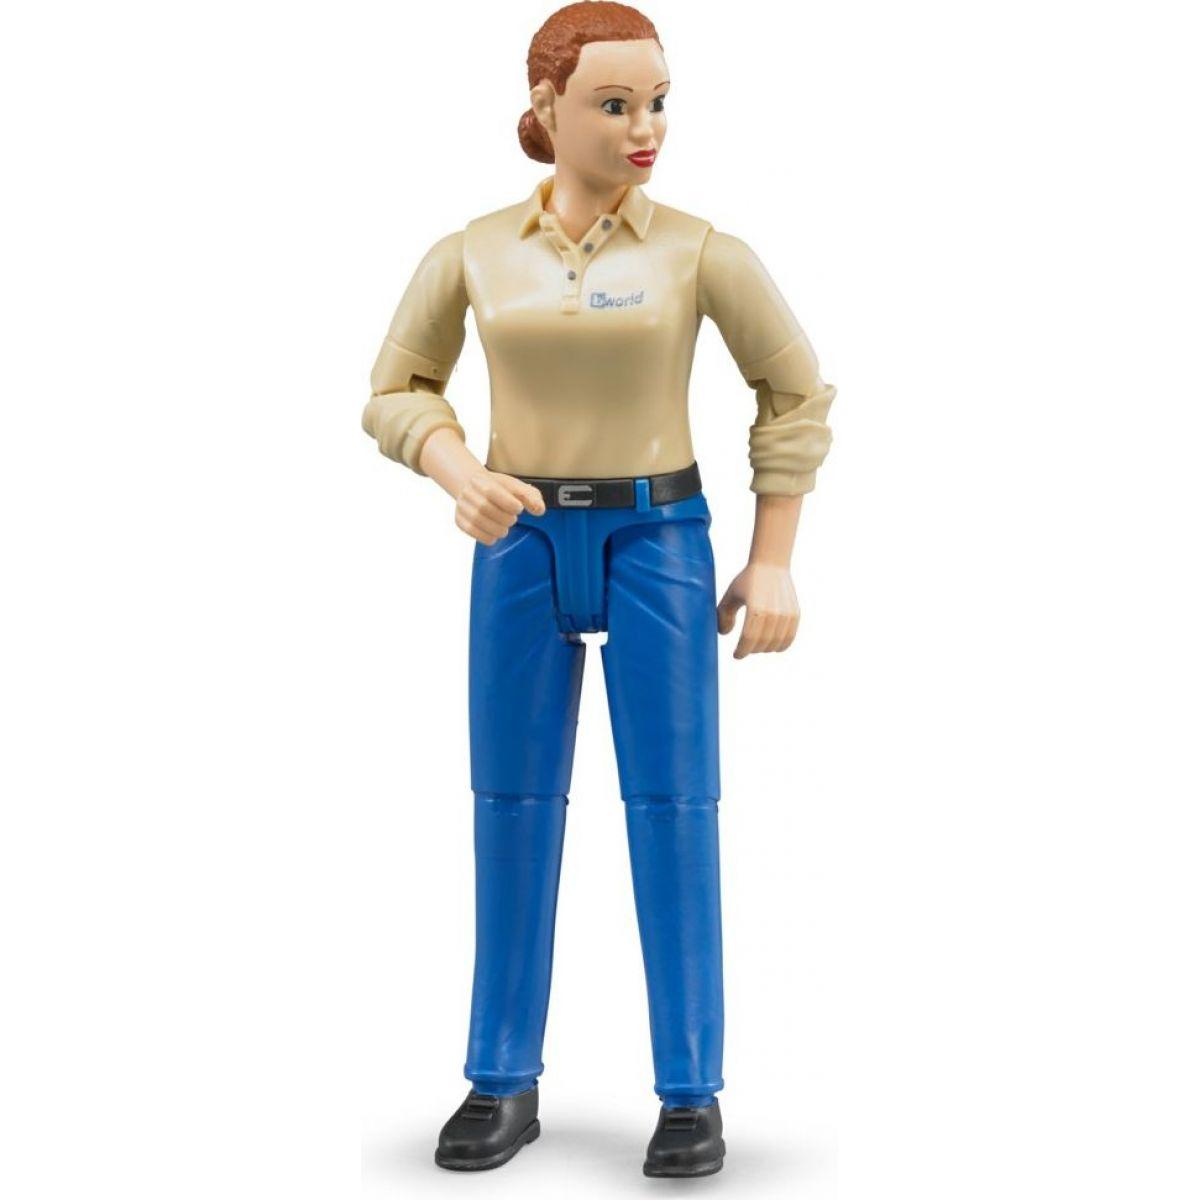 Bruder 60408 Bworld Žena modré nohavice